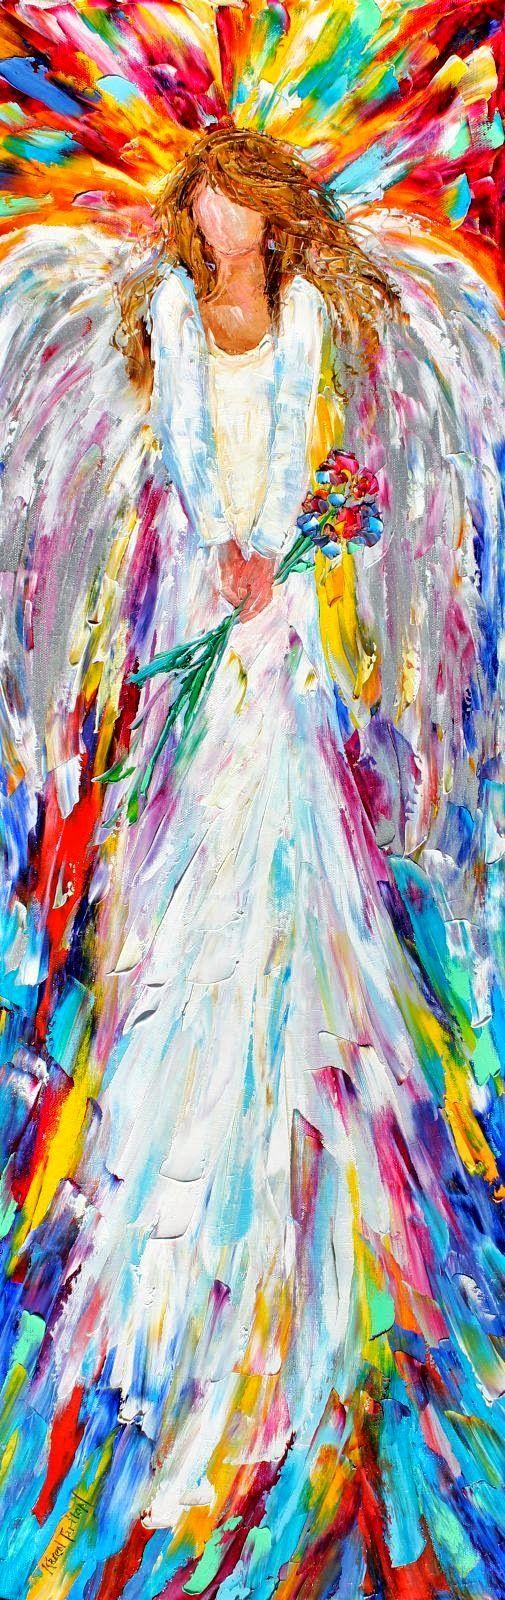 Mi reflexión sobre los ángeles, como pasé desde el más profundo escepticismo a la fé <3 Te lo cuento en el post de hoy   http://www.mbfestudio.com/2015/03/existen-los-angeles.html #angeles #angels